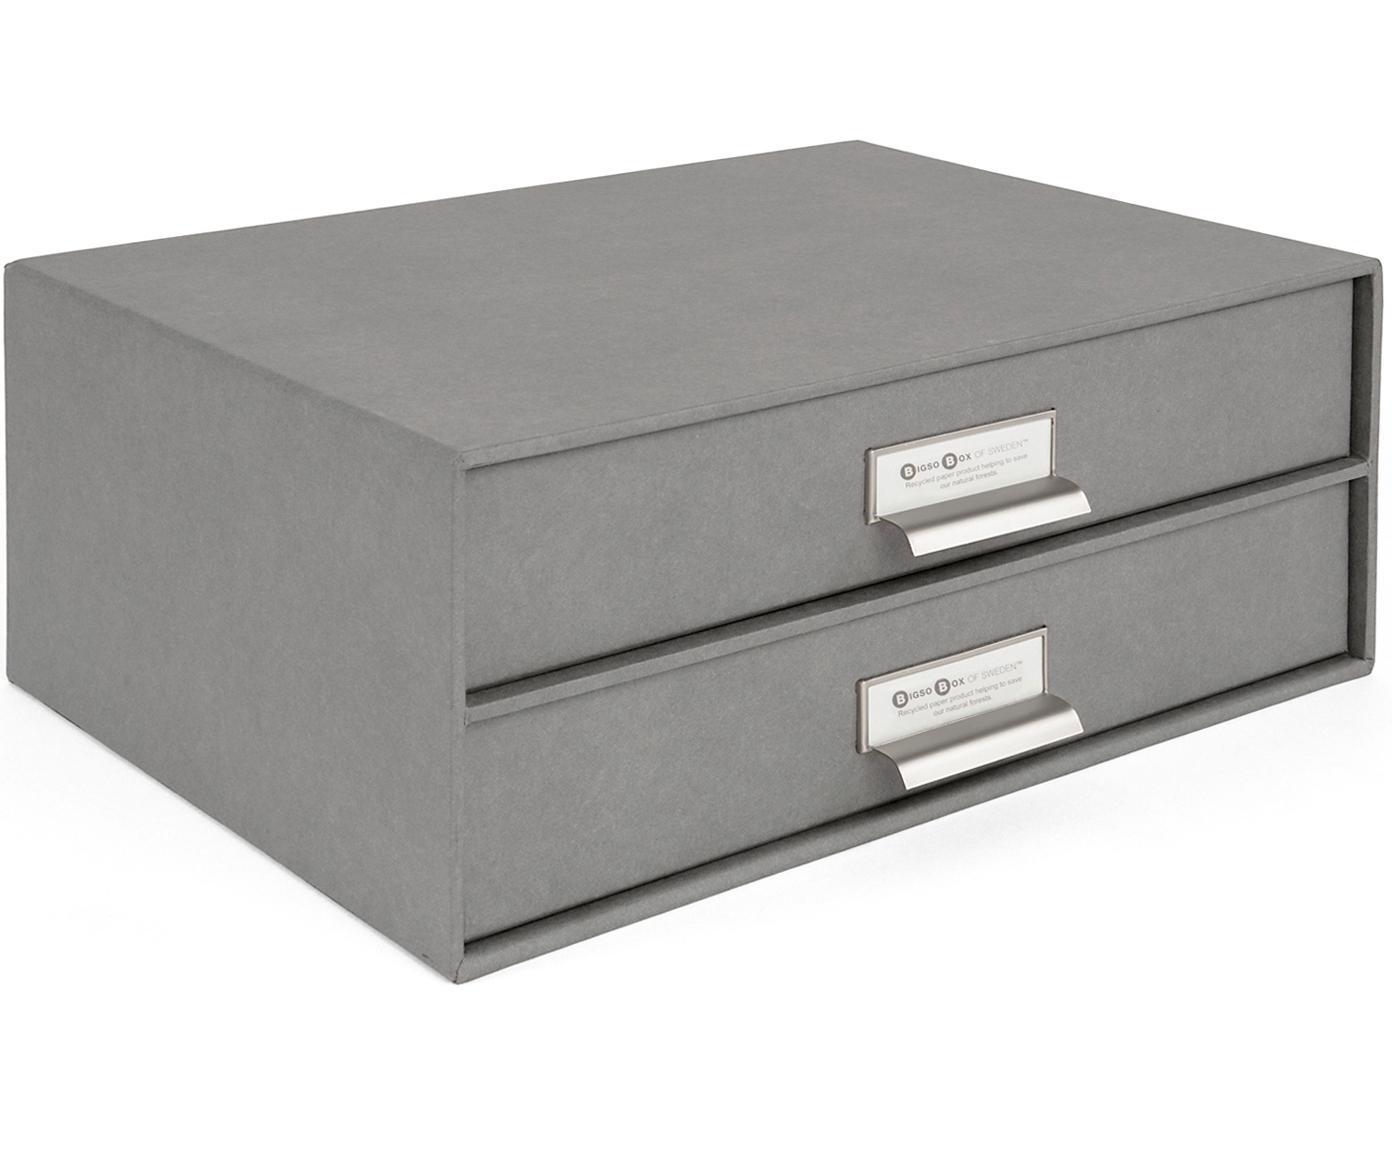 Organizador de escritorio Birger, Caja: cartón laminado, Exterior: gris claro Interior: blanco, An 33 x Al 15 cm